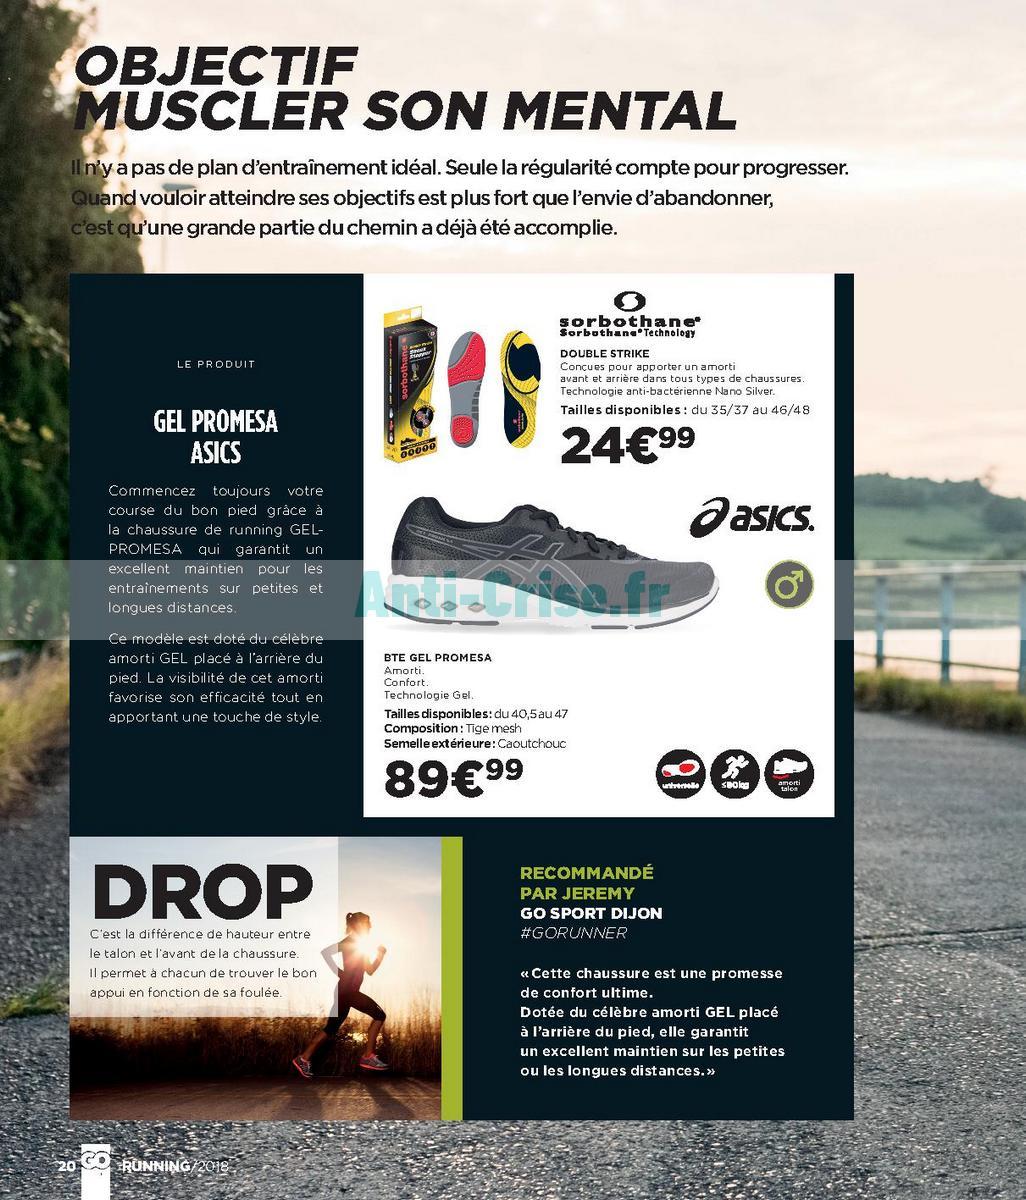 septembre2018 Catalogue Go Sport du 28 avril au 21 septembre 2018 (Running) (20)